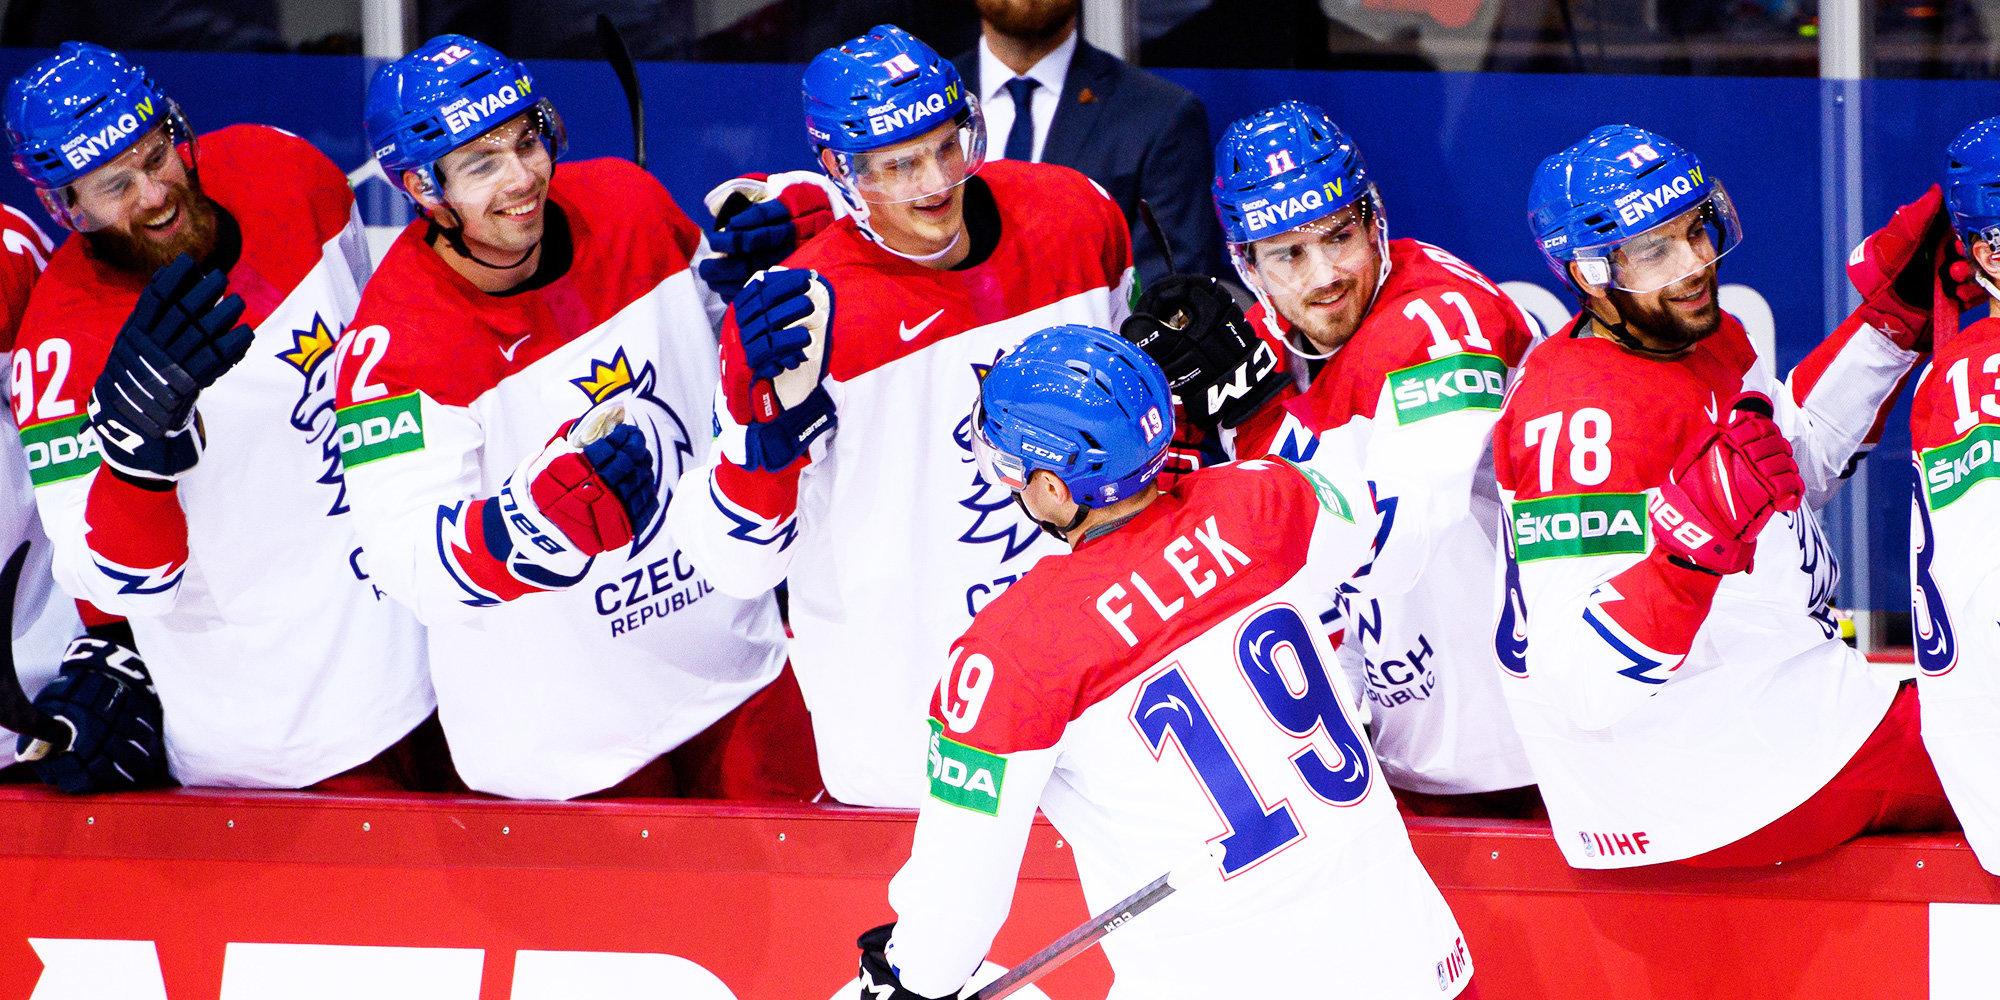 Чехия победила Швецию на чемпионате мира. Финляндия обыграла Италию